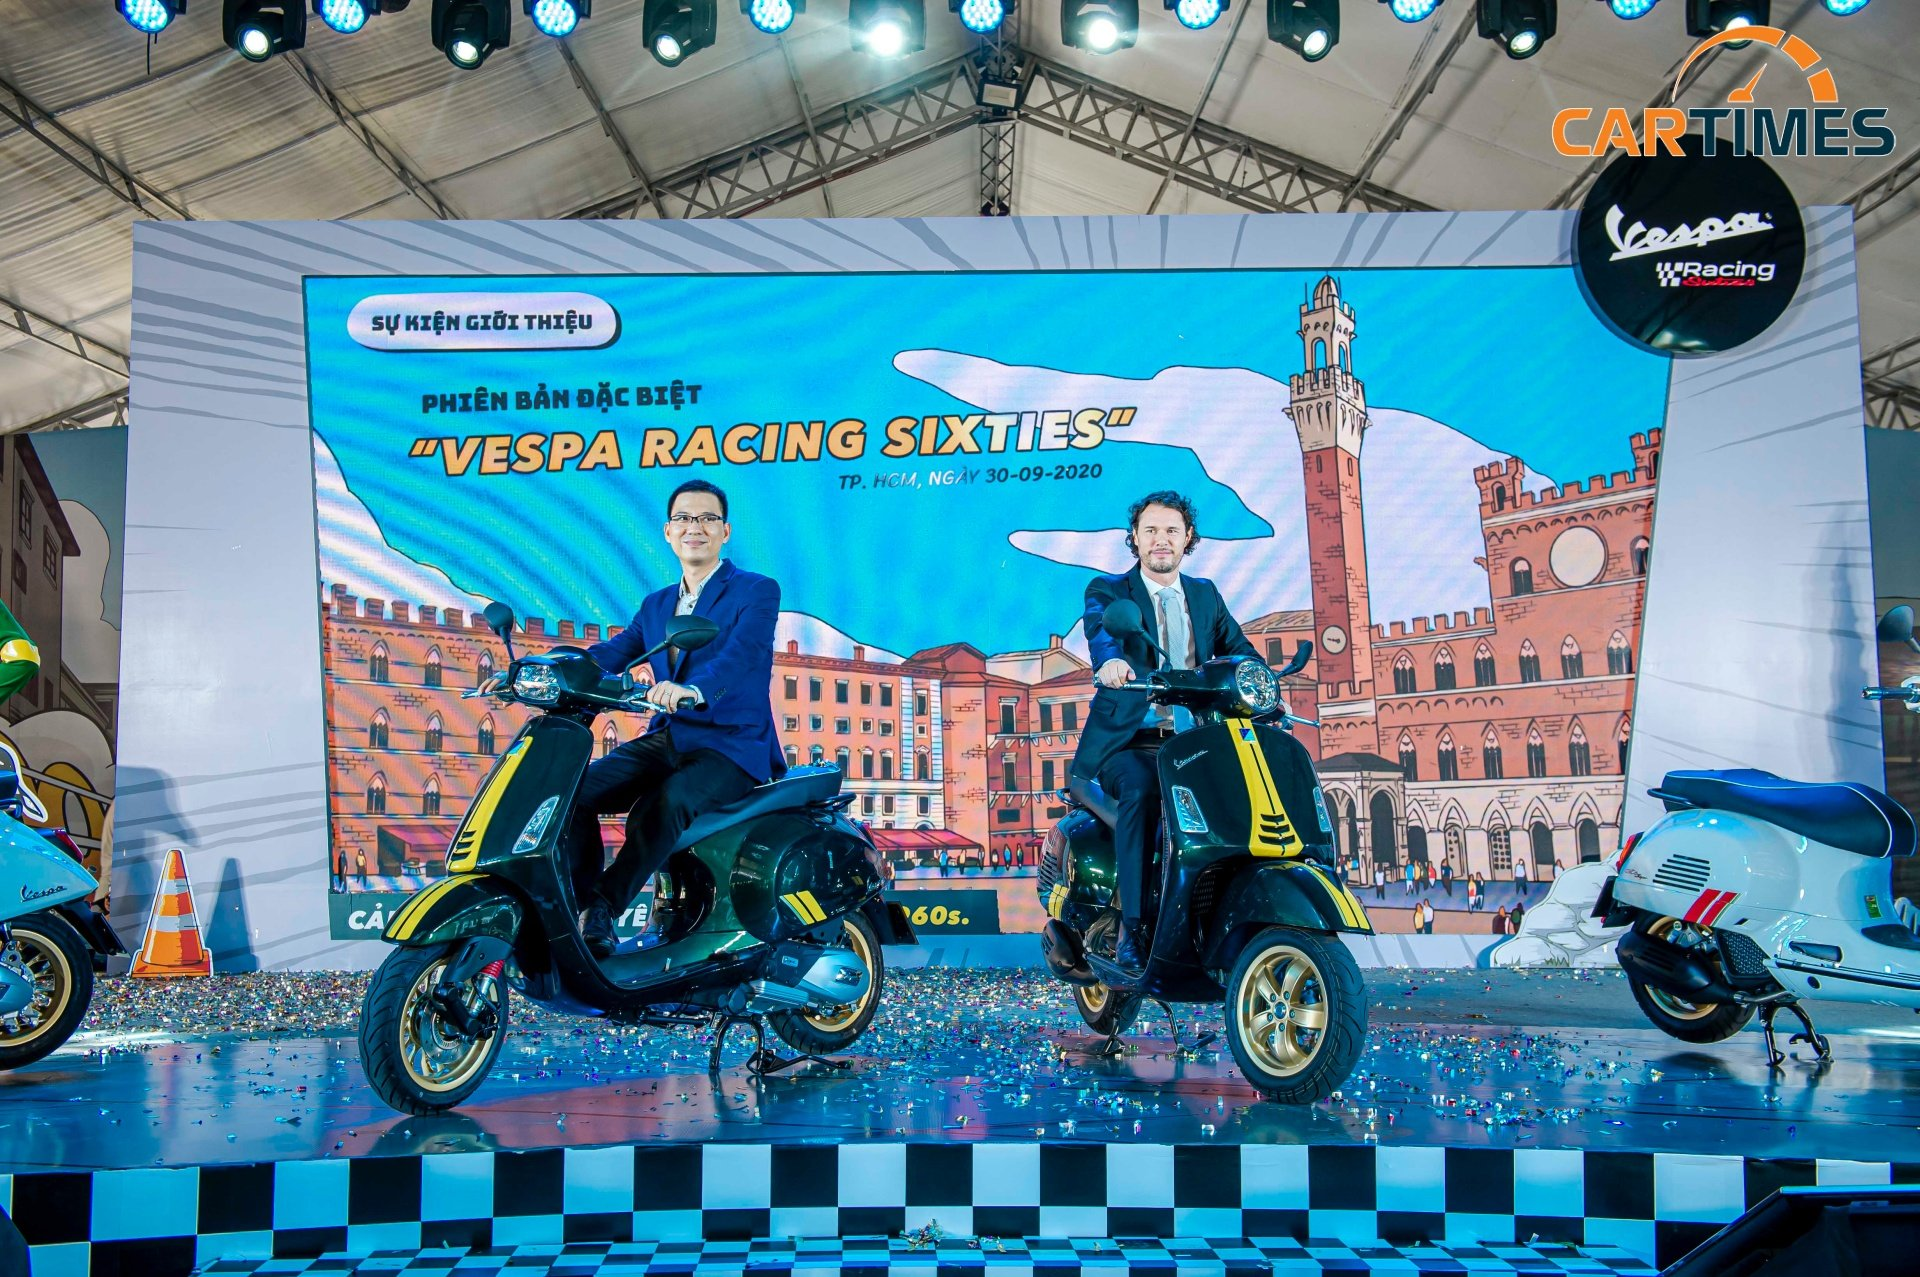 Vespa Racing Sixties phong cách xe đua ra mắt thị trường Việt Nam, giá từ 95 triệu đồng